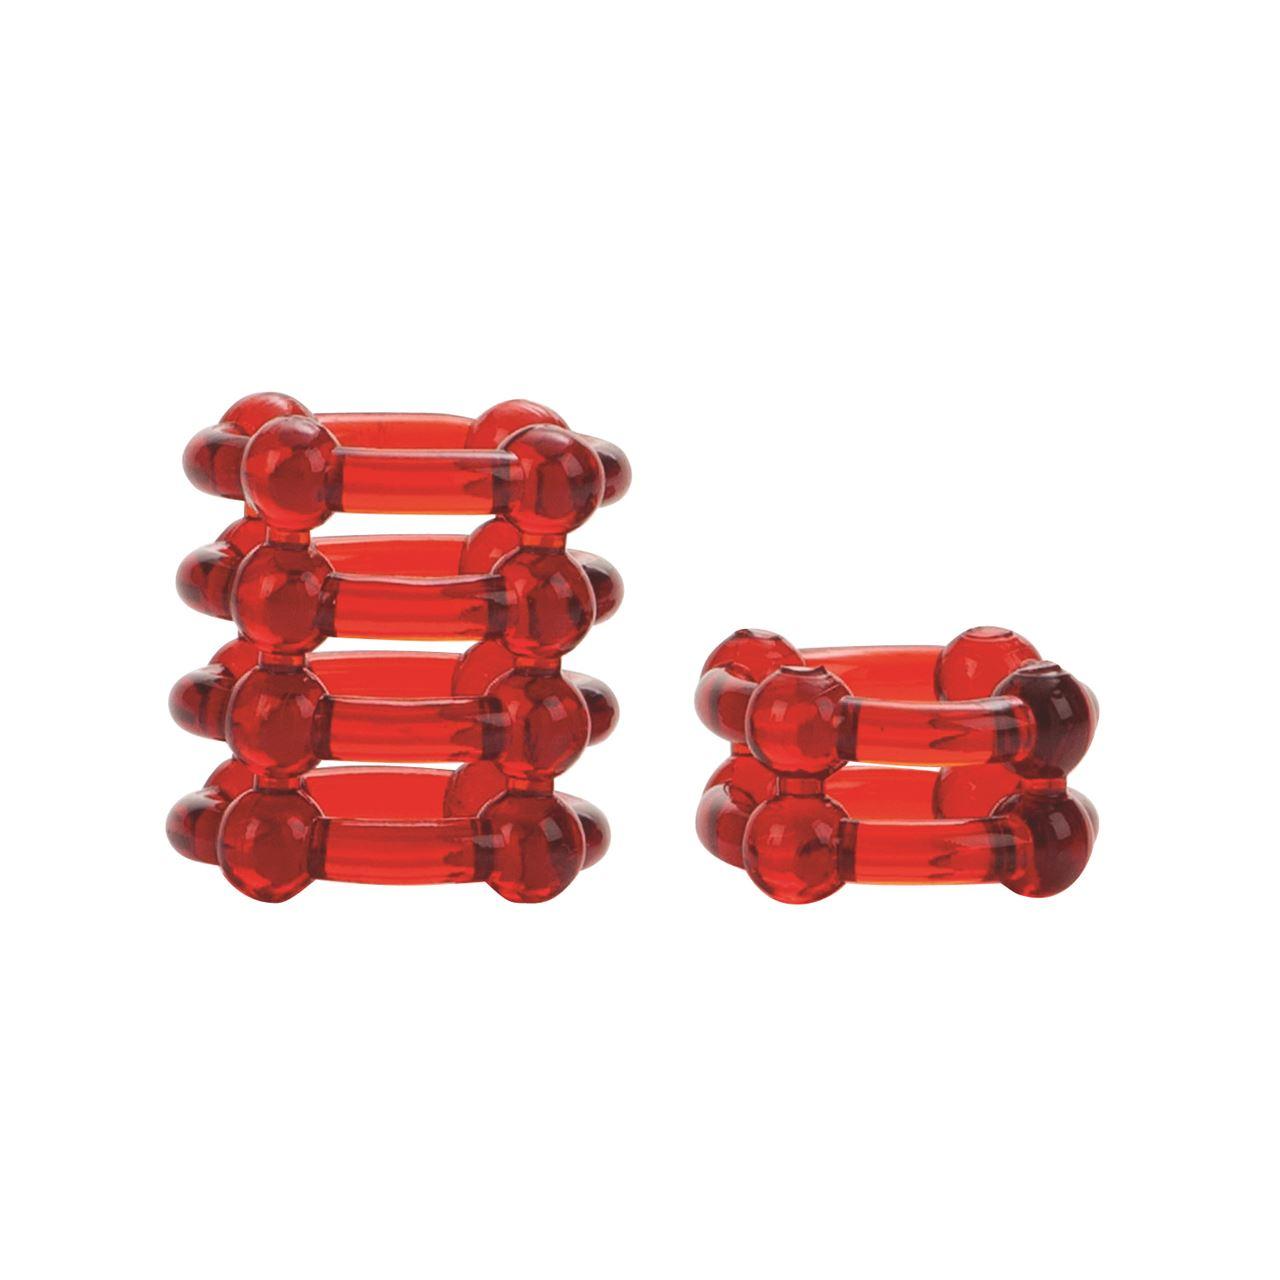 0014051_colt-enhancer-rings-red_ms40pghiabvh95kj.jpeg